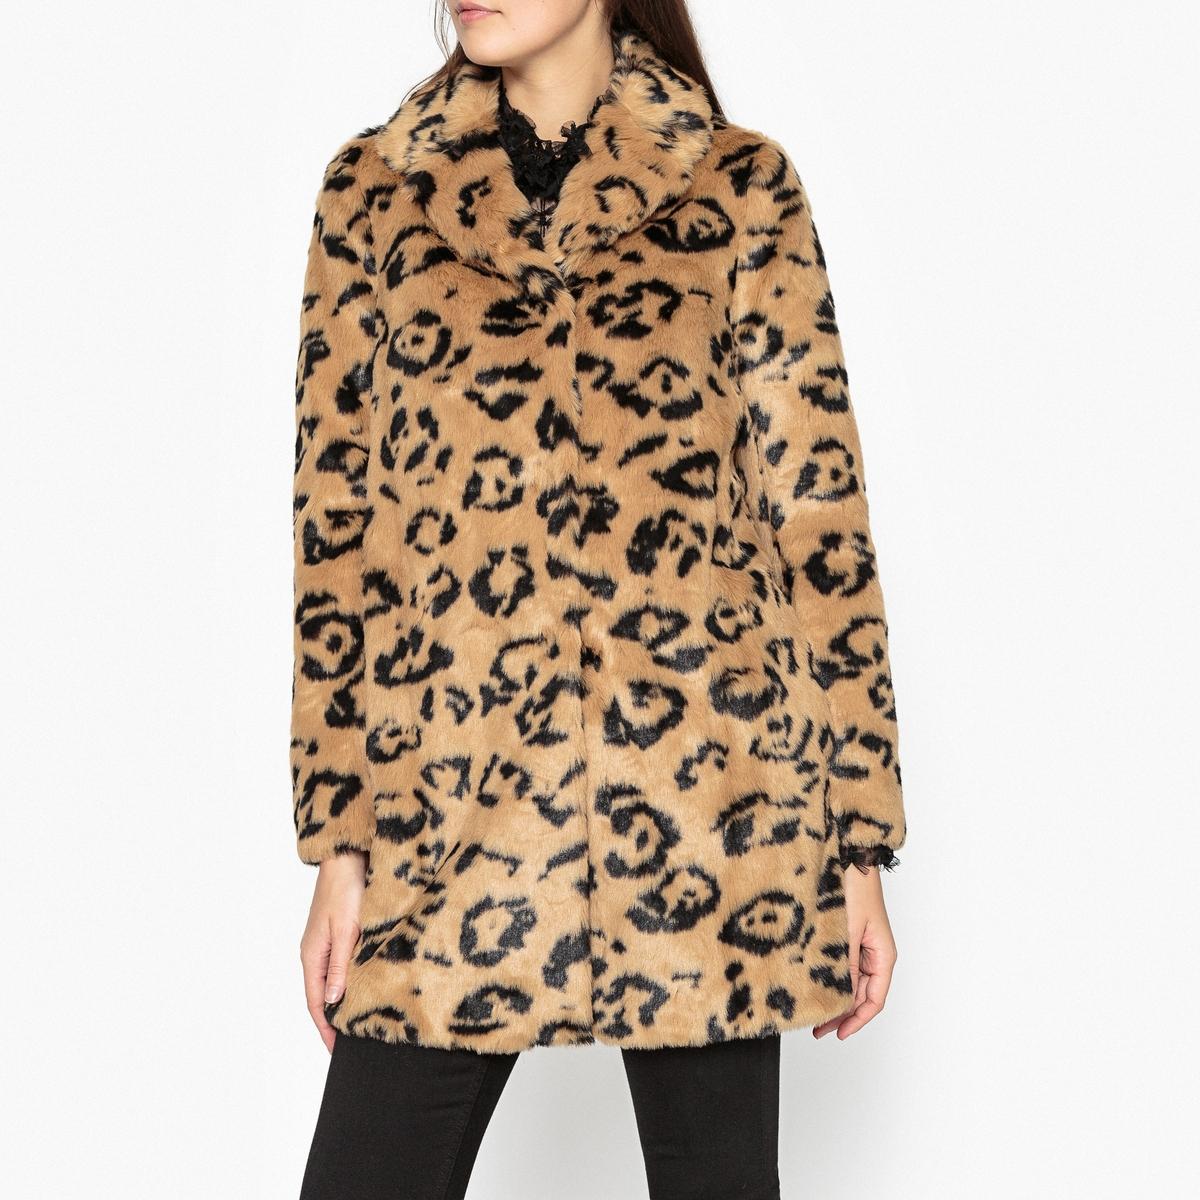 Пальто с леопардовым принтом OBECHIAN пальто с леопардовым принтом 30% шерсти